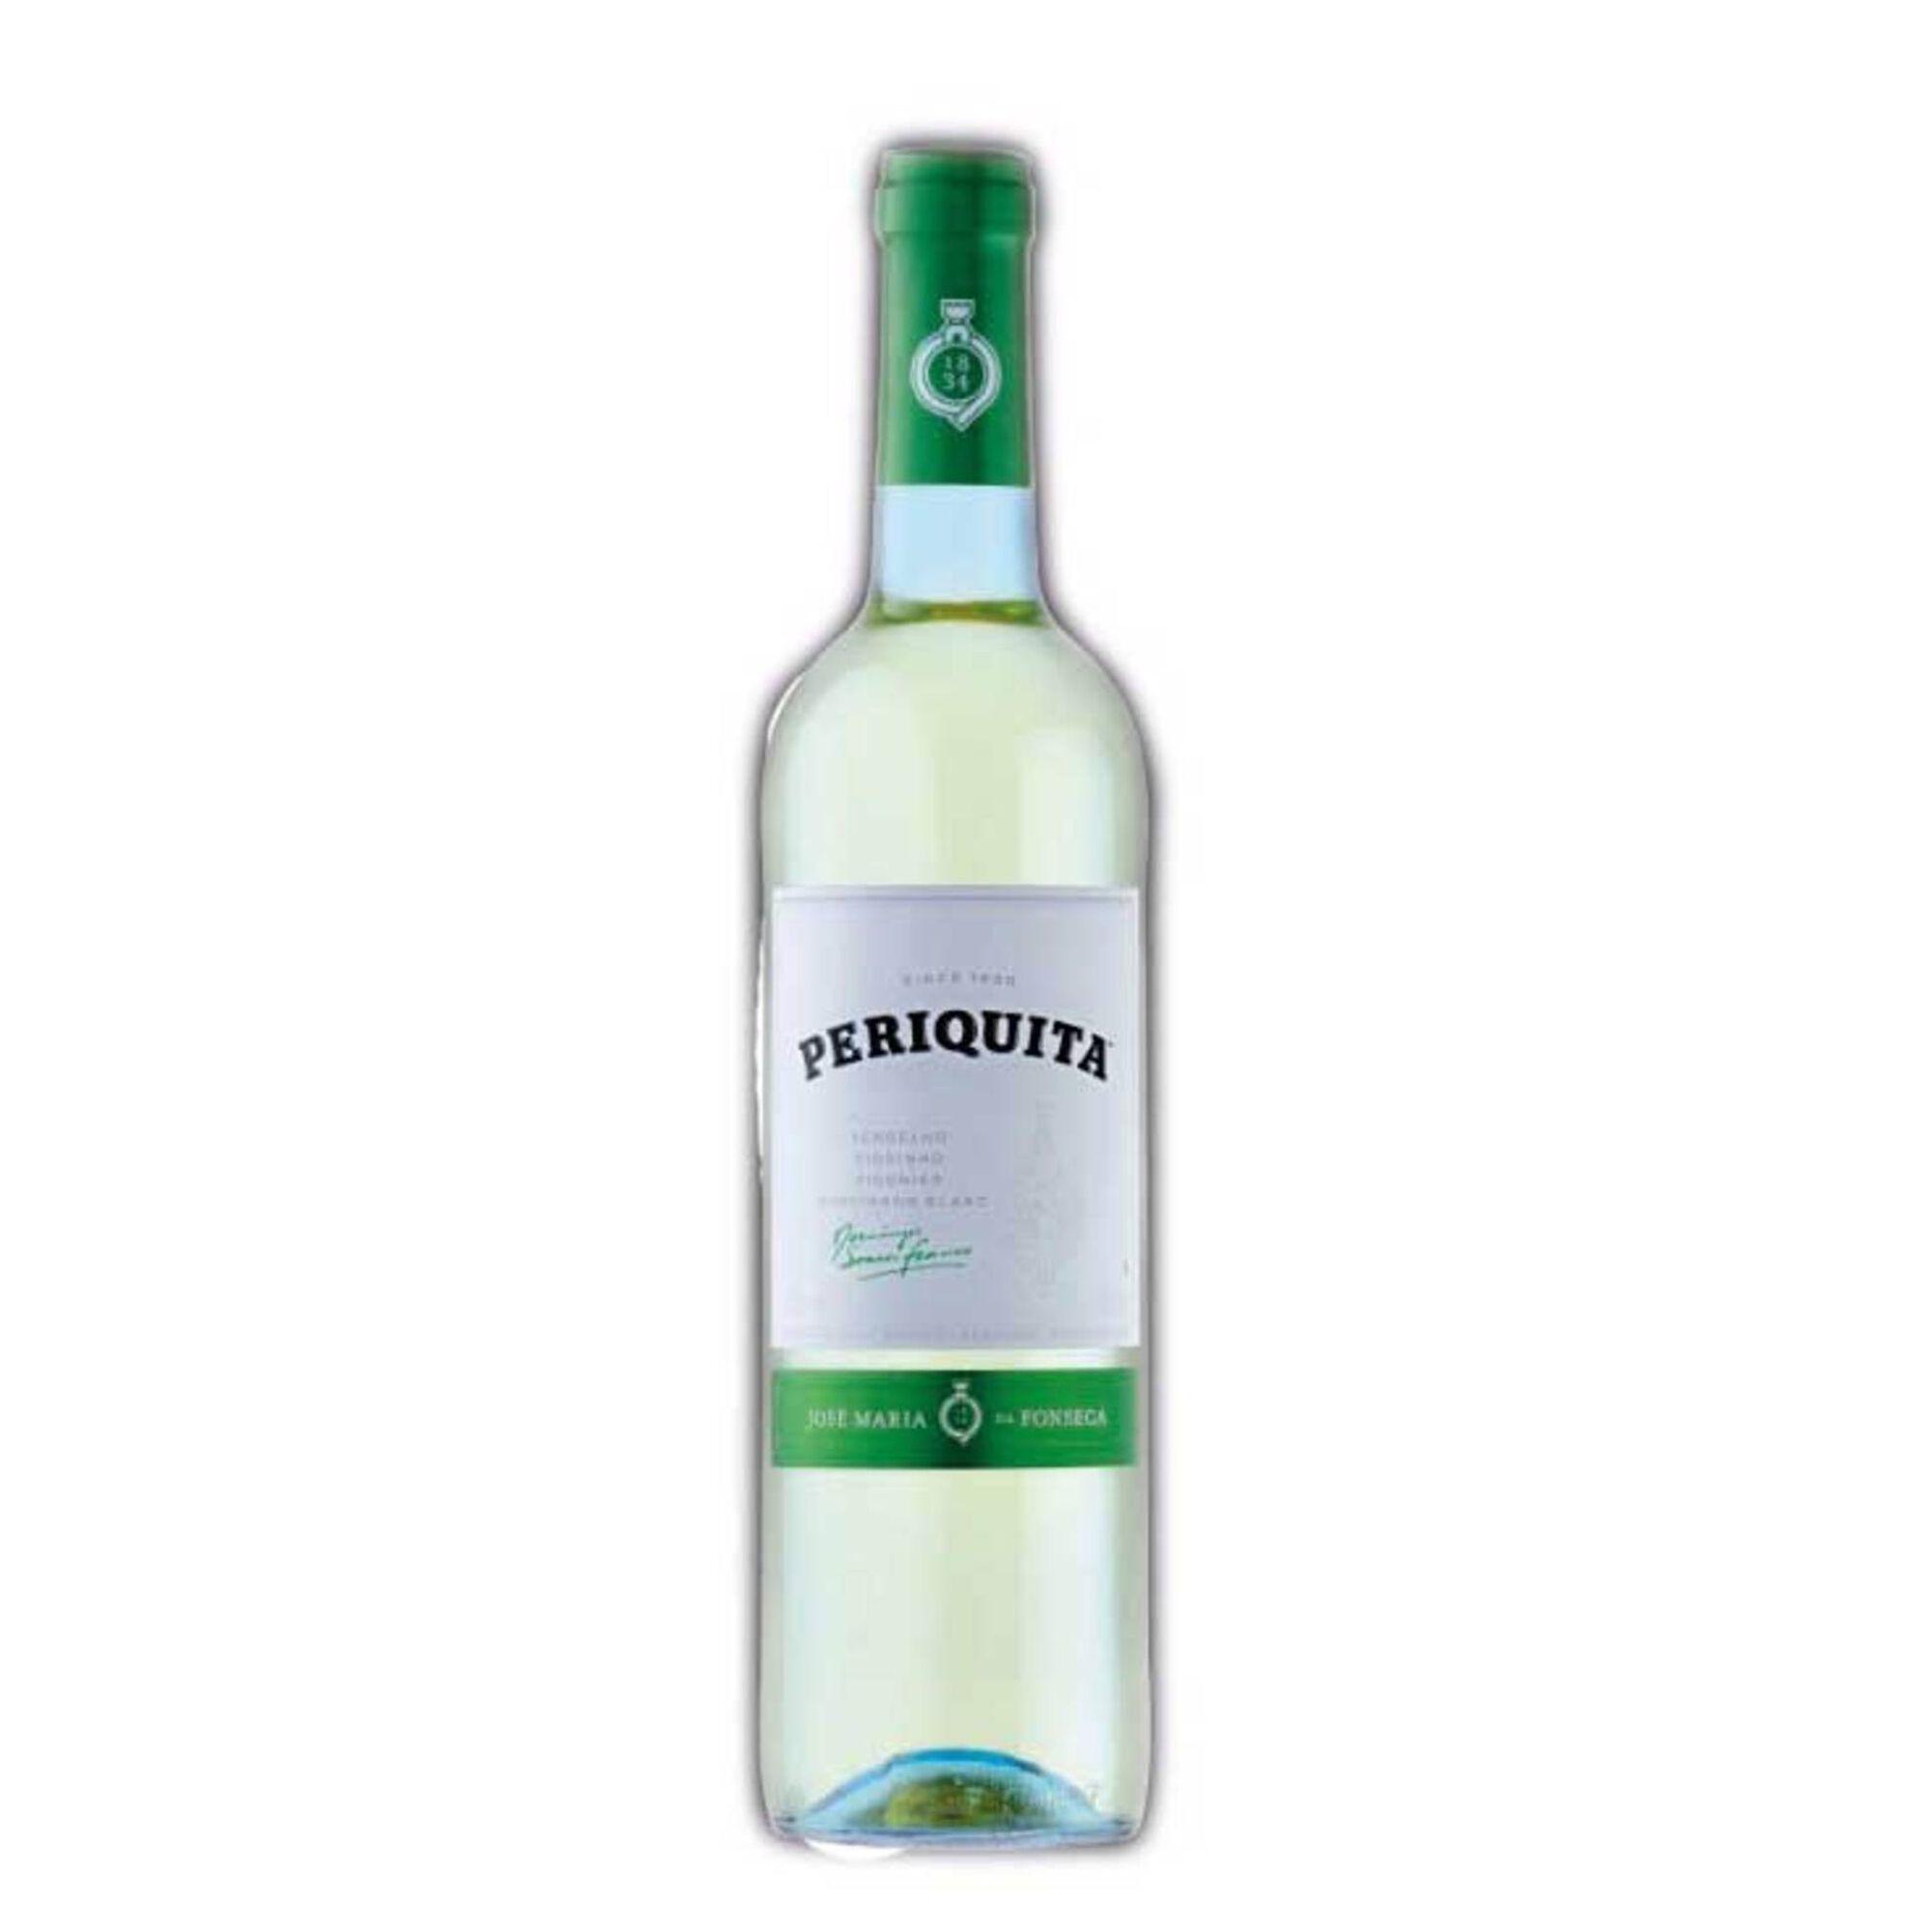 Periquita Regional Península de Setúbal Vinho Branco